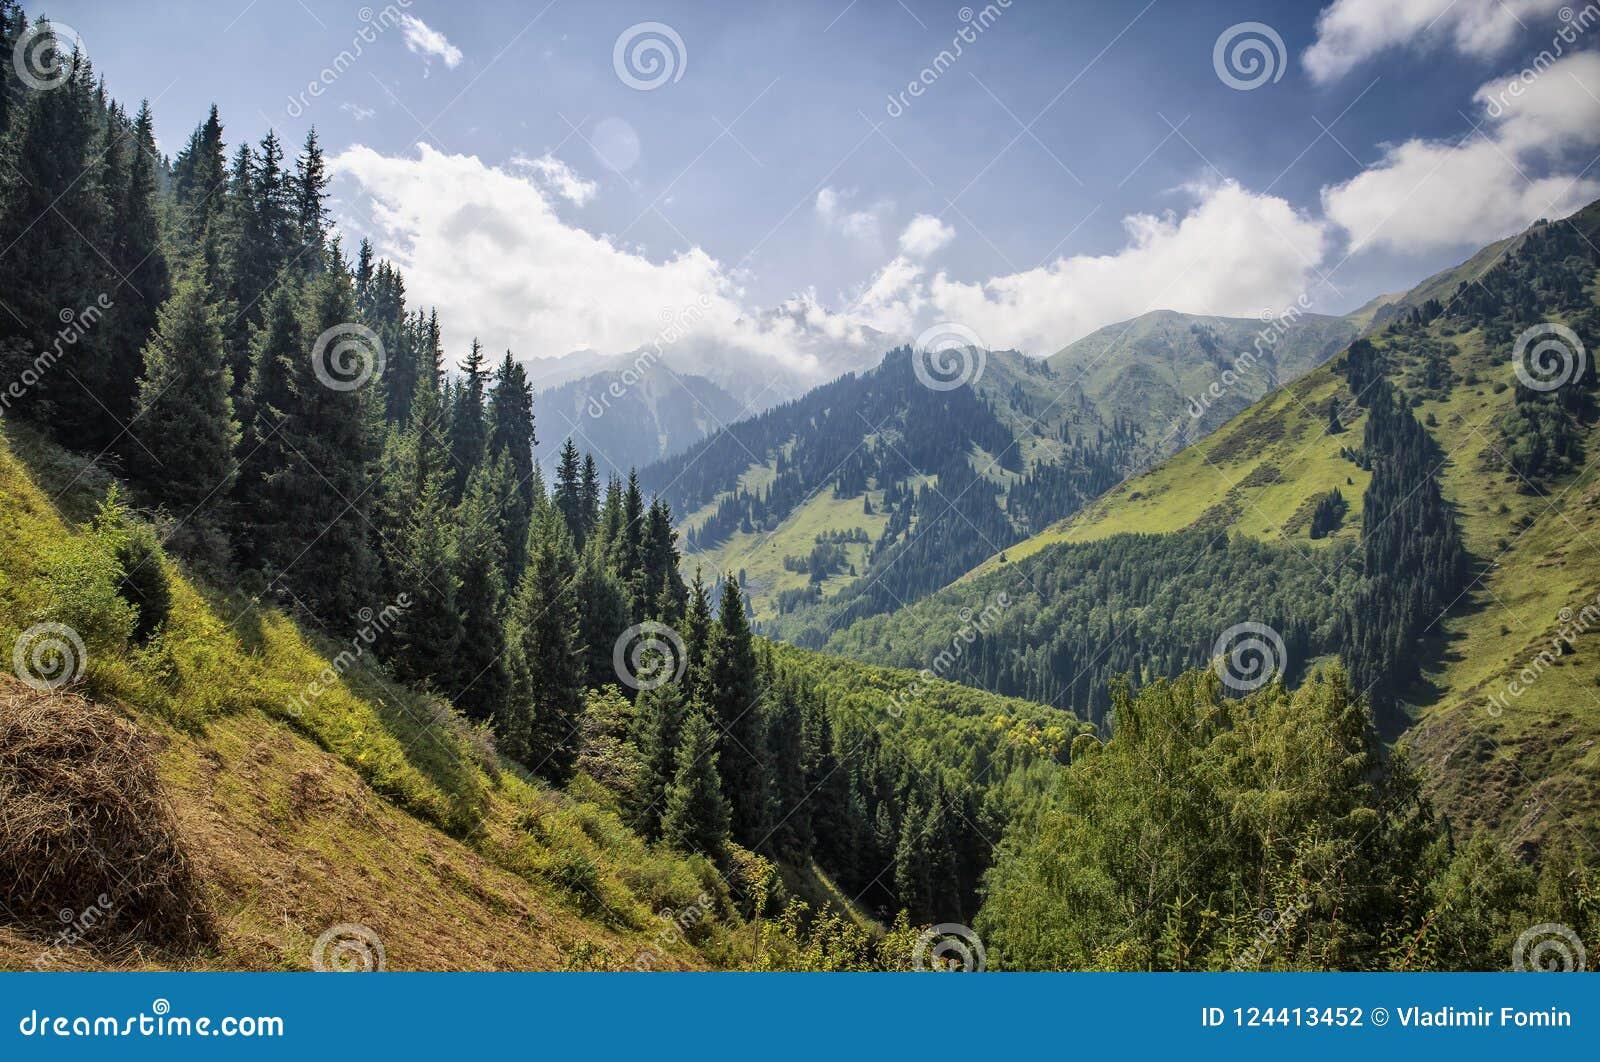 cherche transexuelle forest